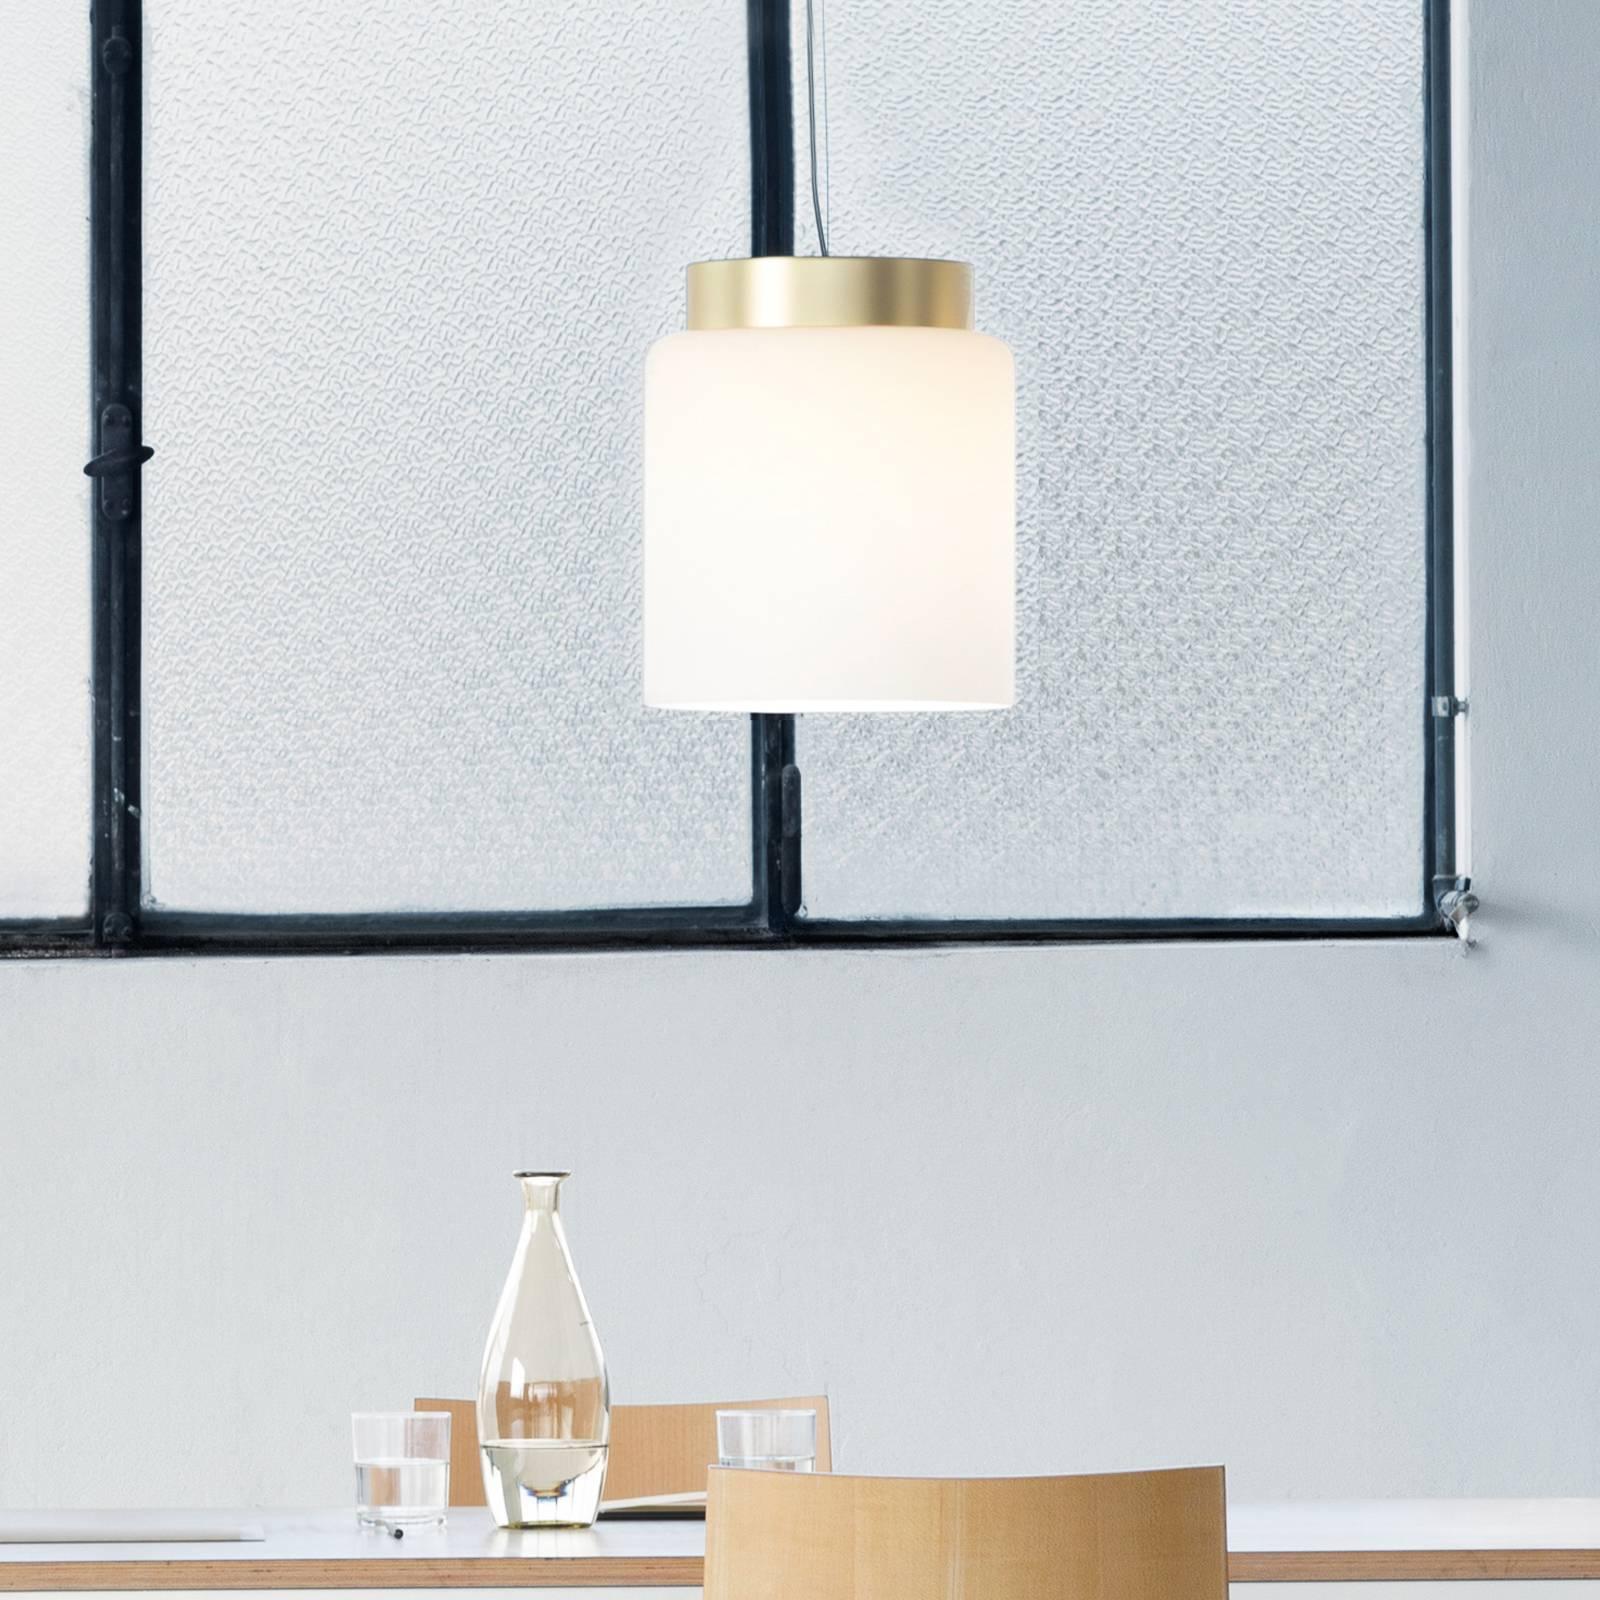 Prandina Segesta hanglamp messing/kap wit Ø27cm